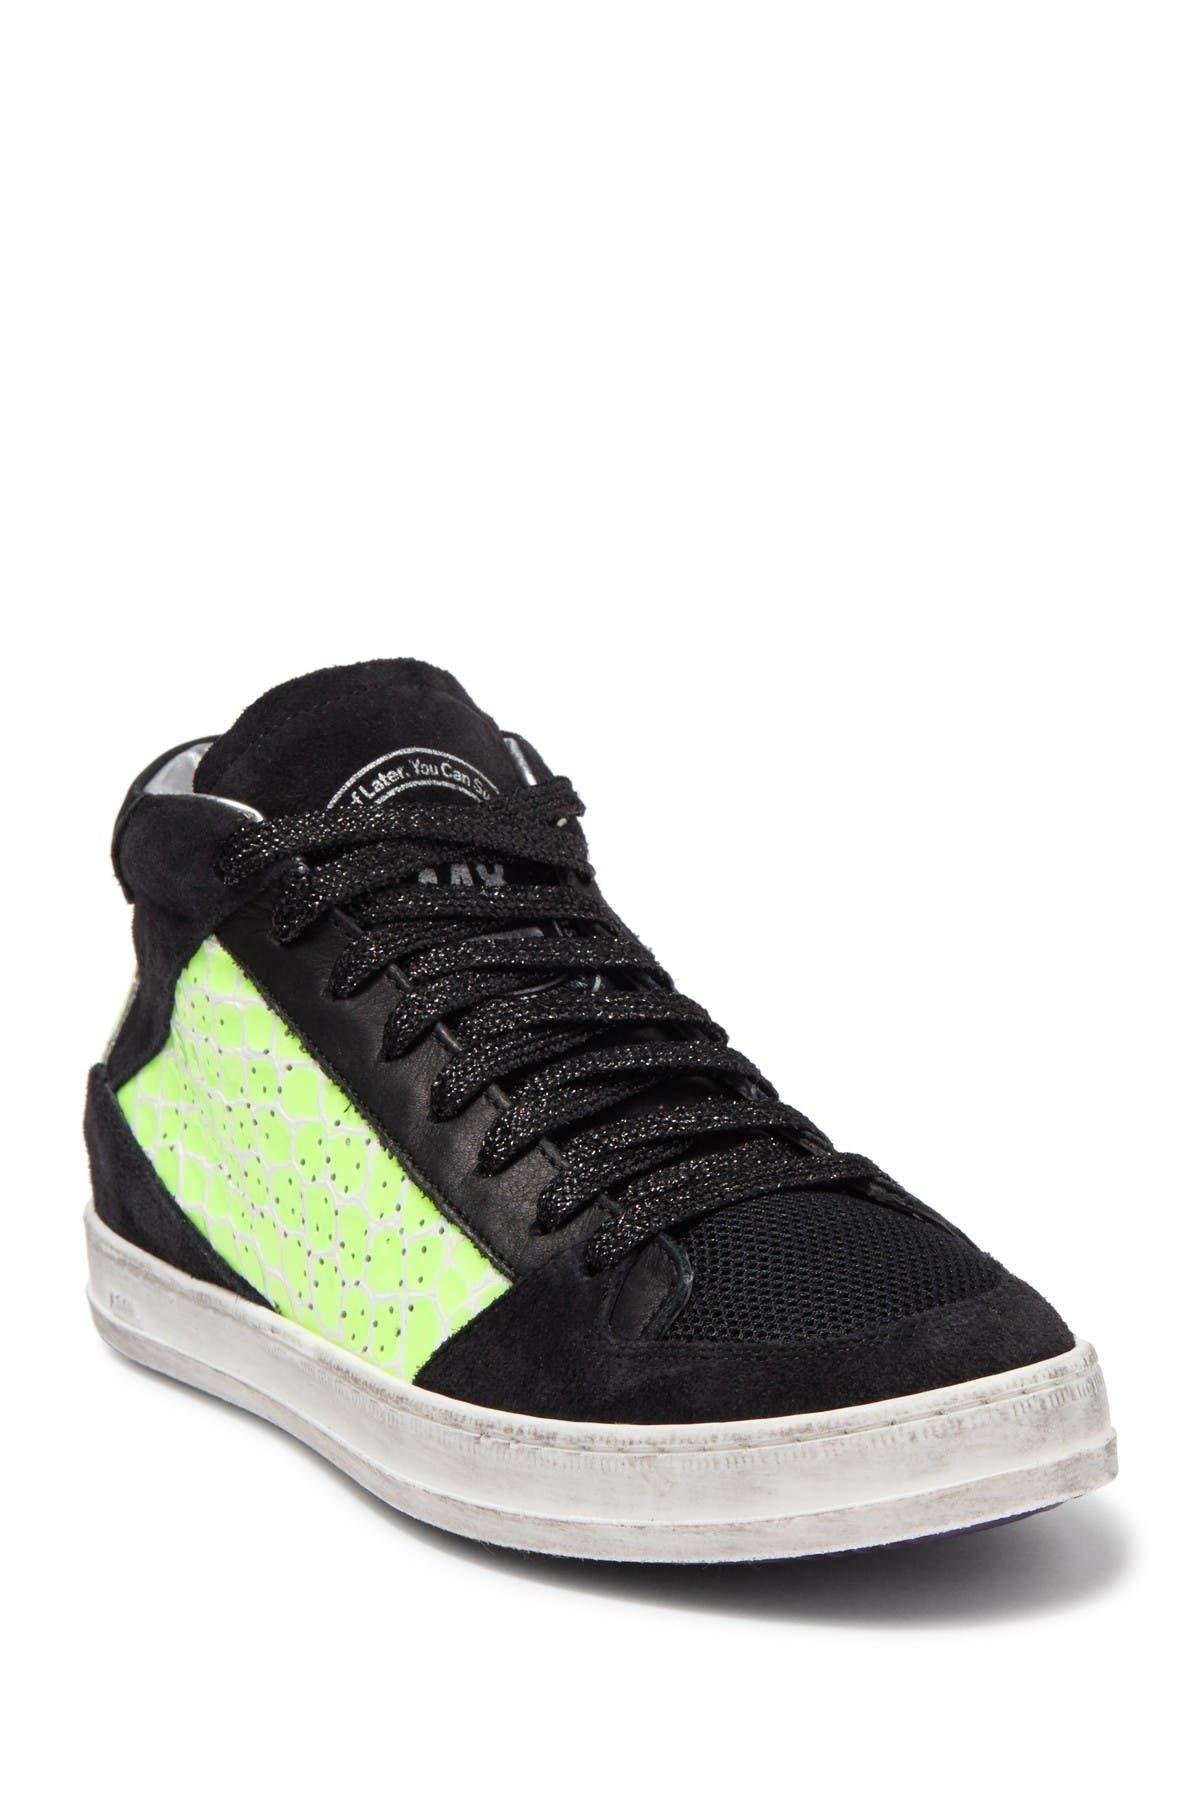 P448 | F9 Queens Mid Sneaker